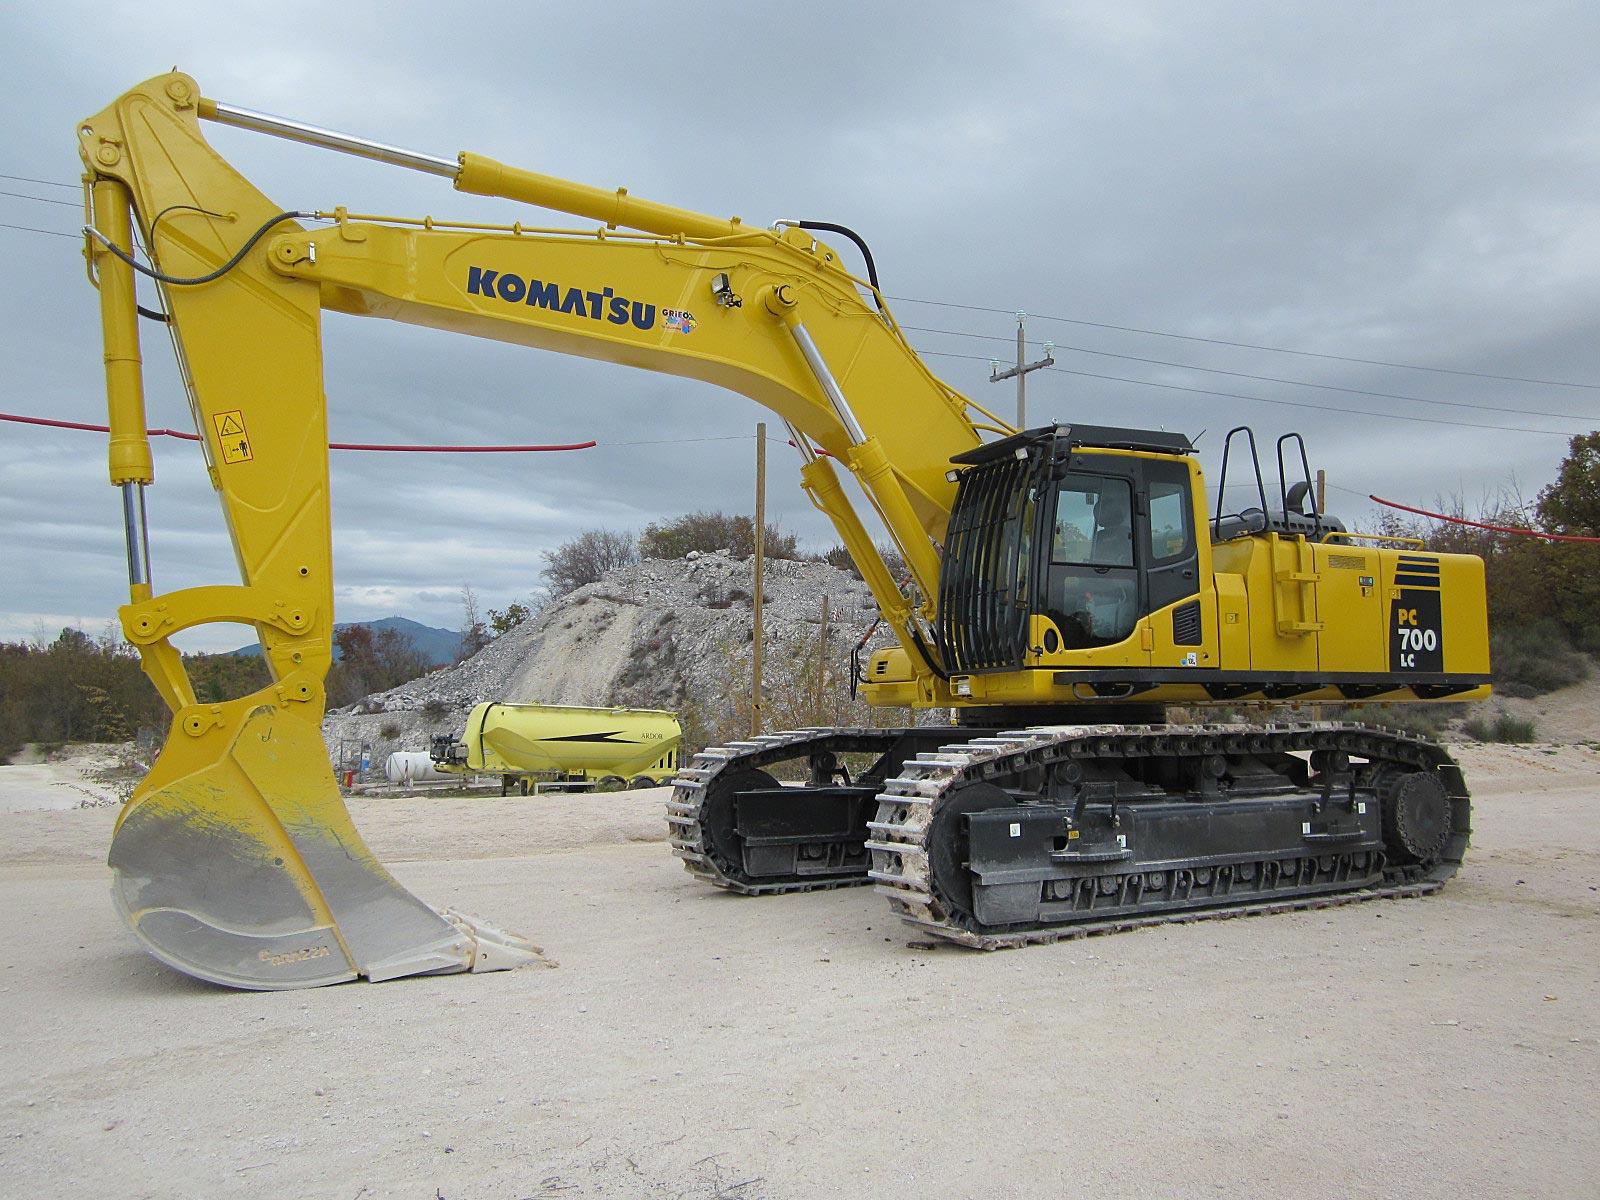 griglia di protezione per escavatore komatsu